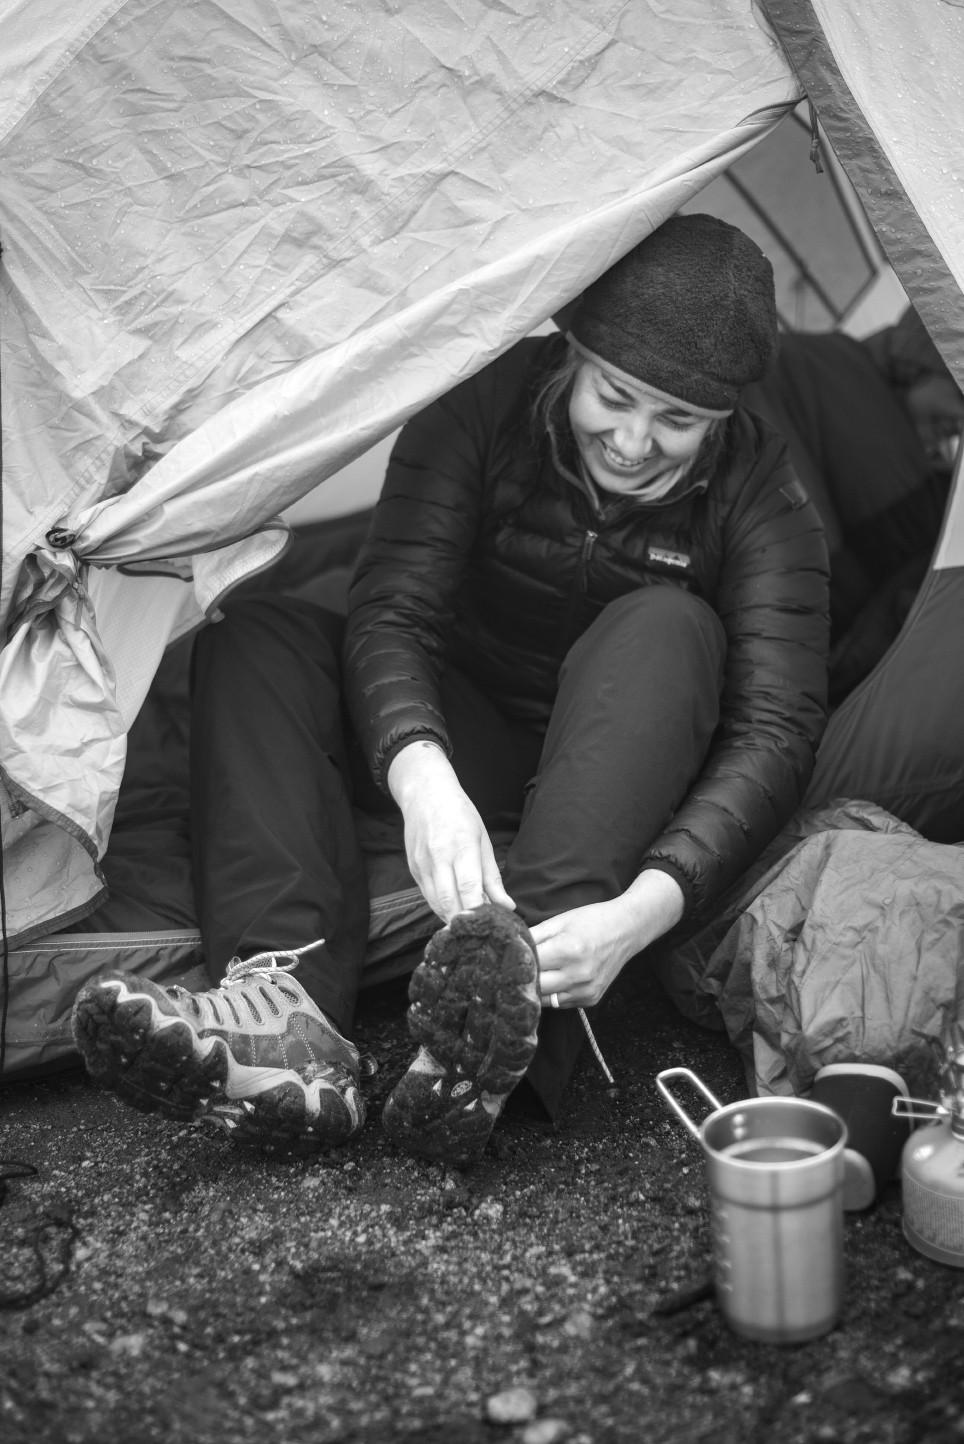 Megan tying shoe